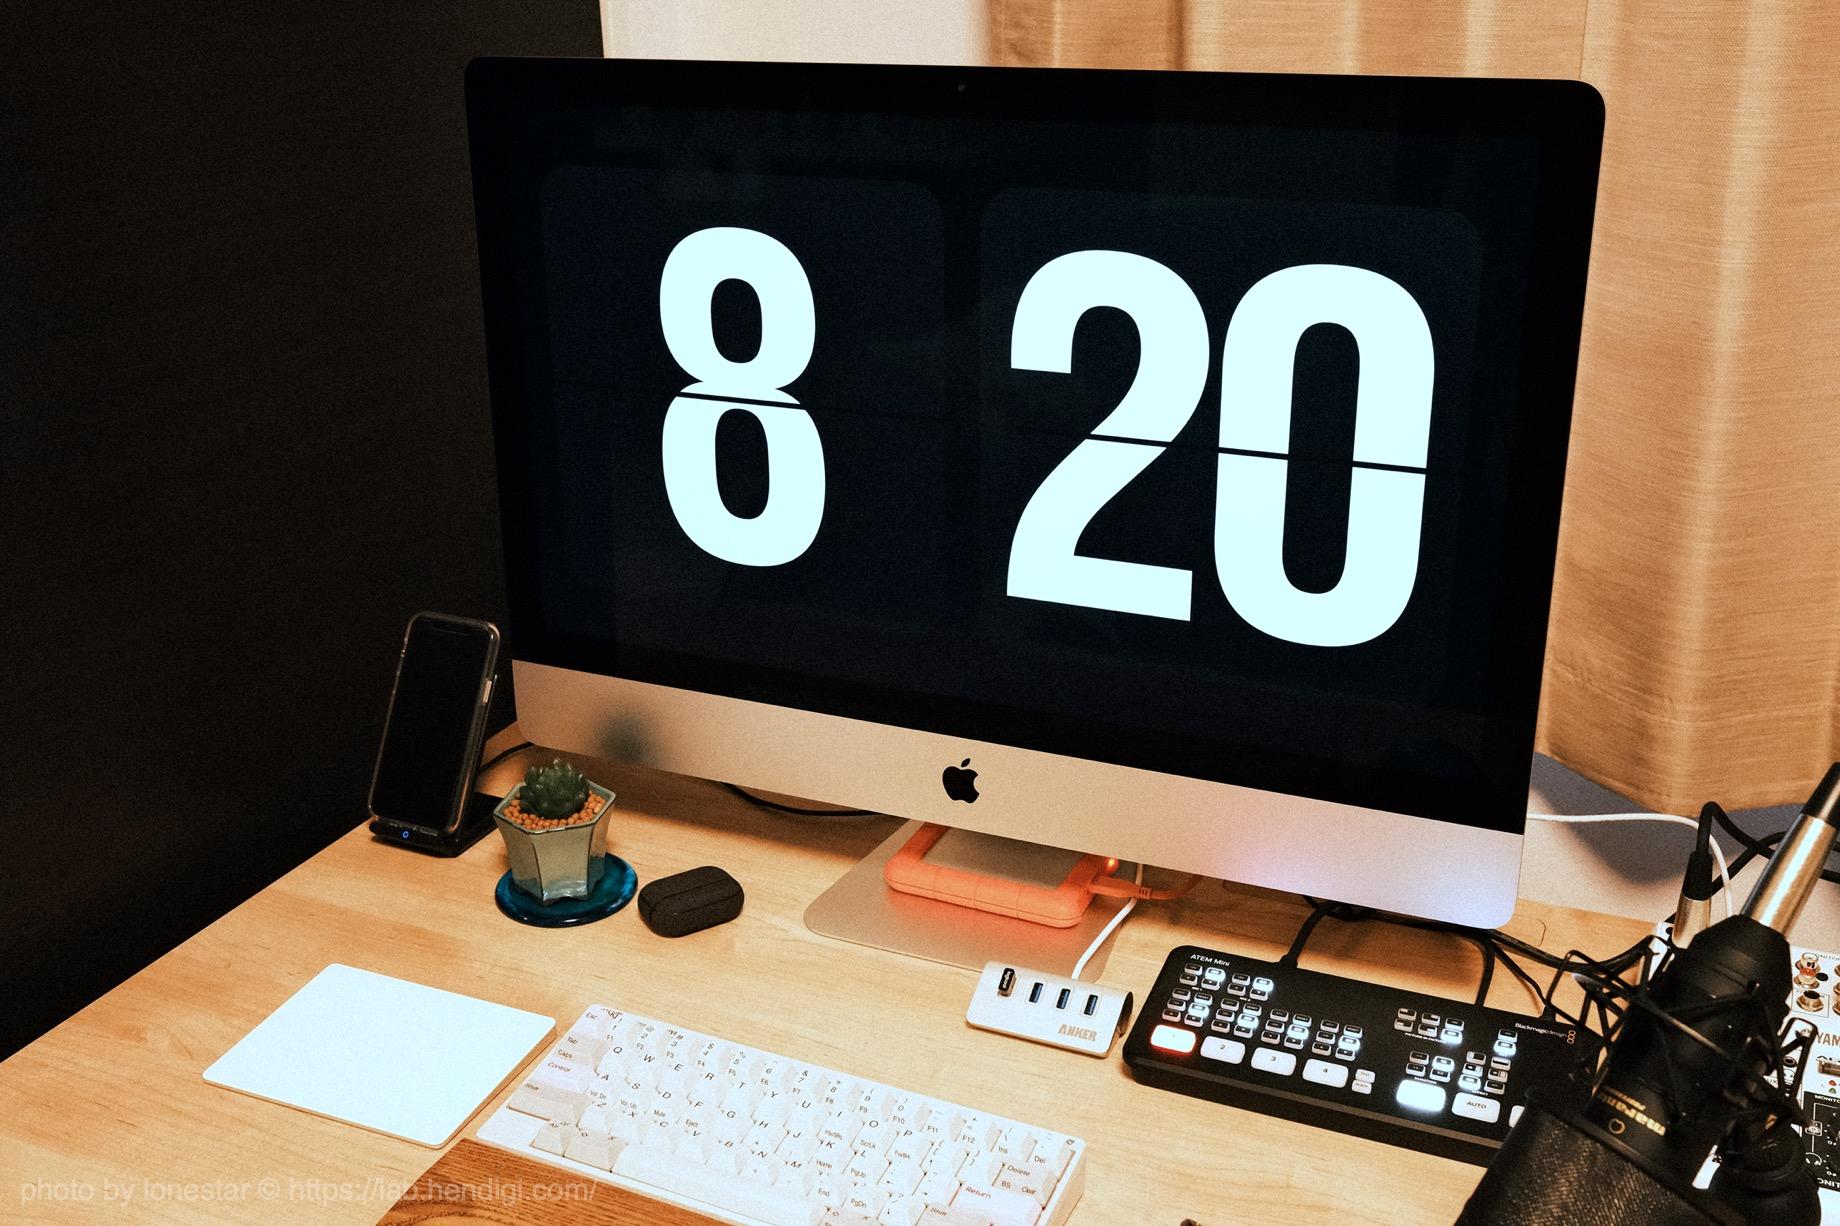 Mac 時計 スクリーンセーバー